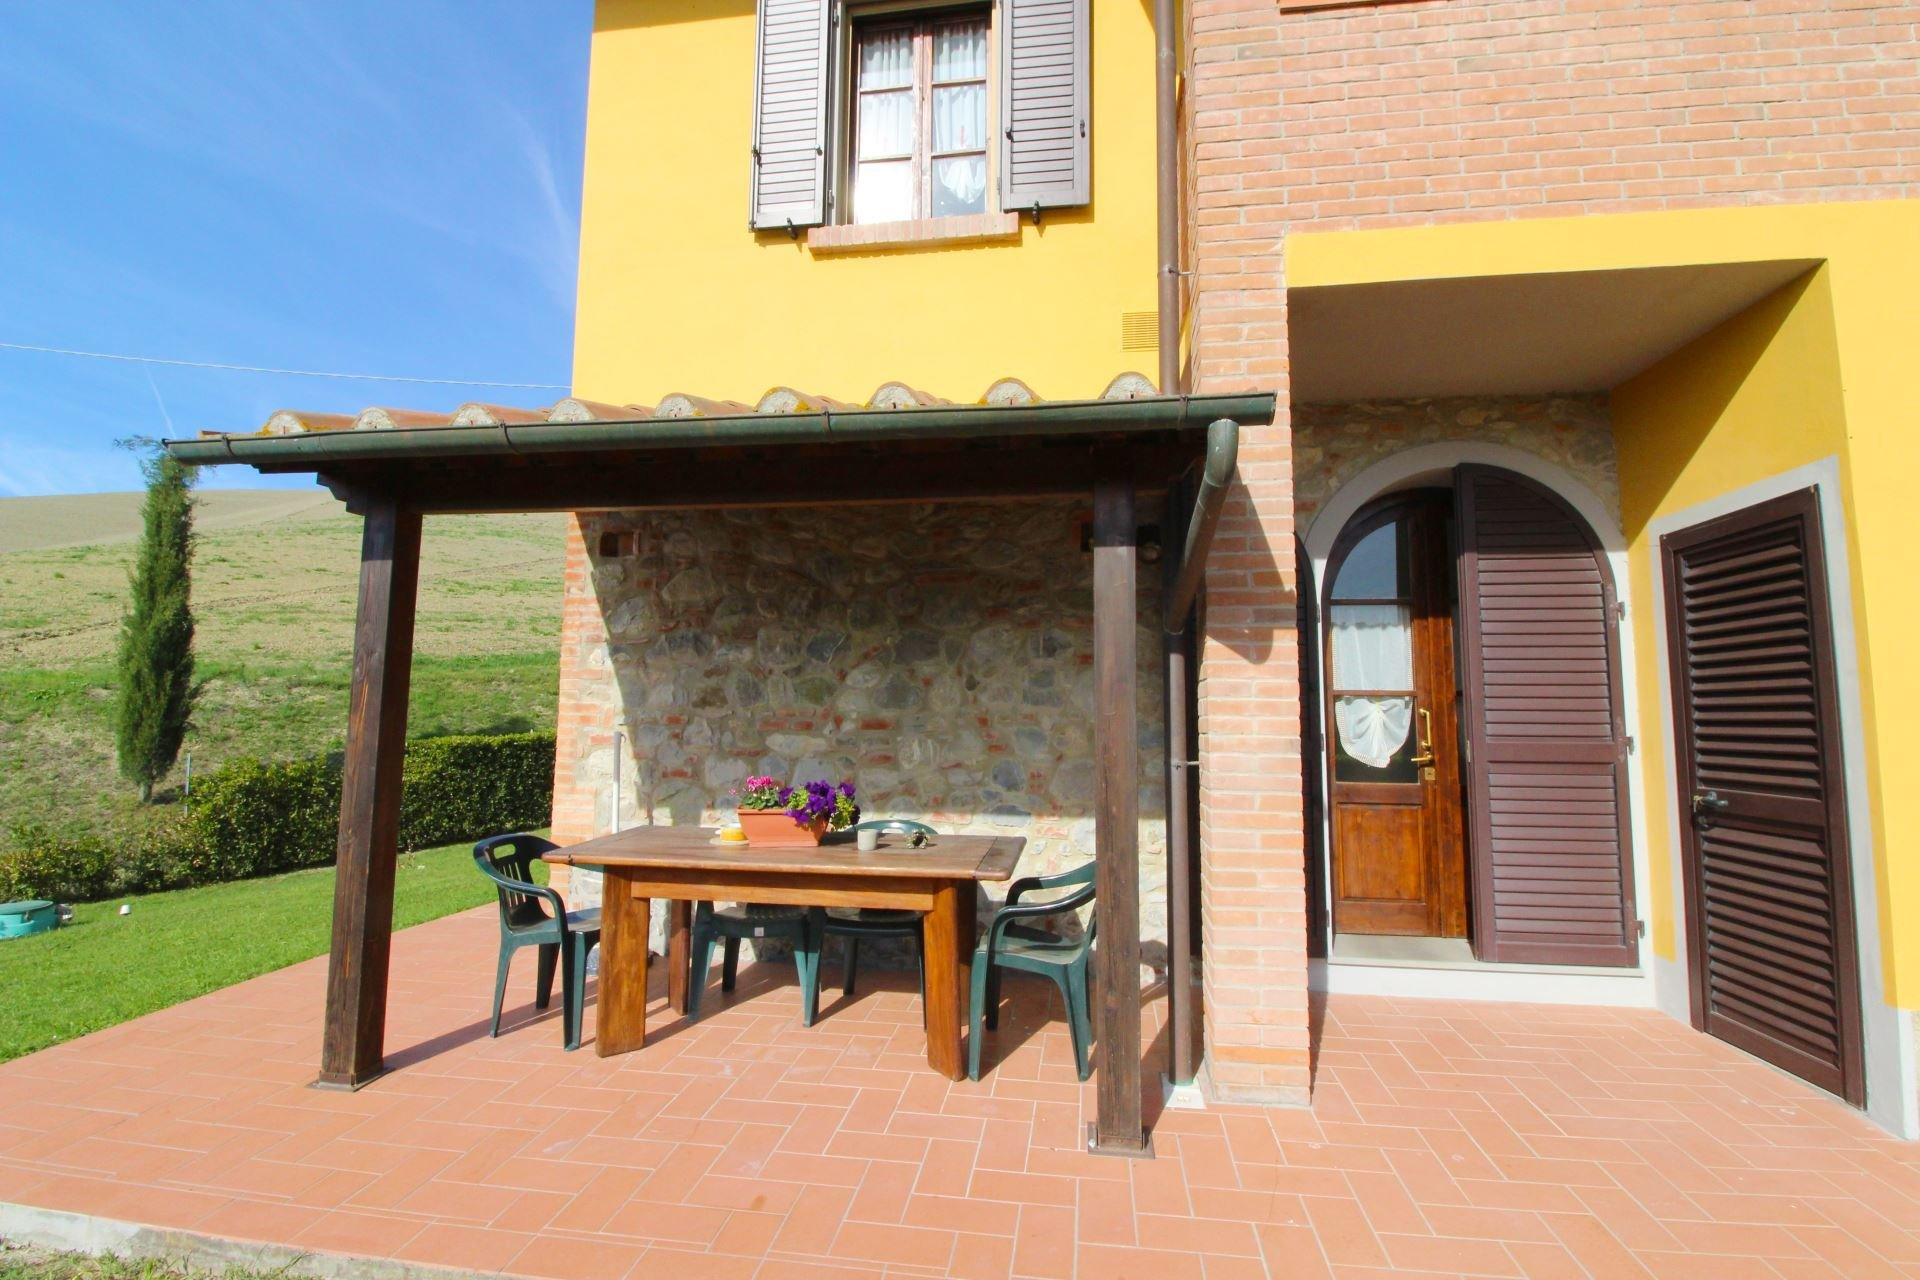 podere bellosguardo- terrasje voor huis